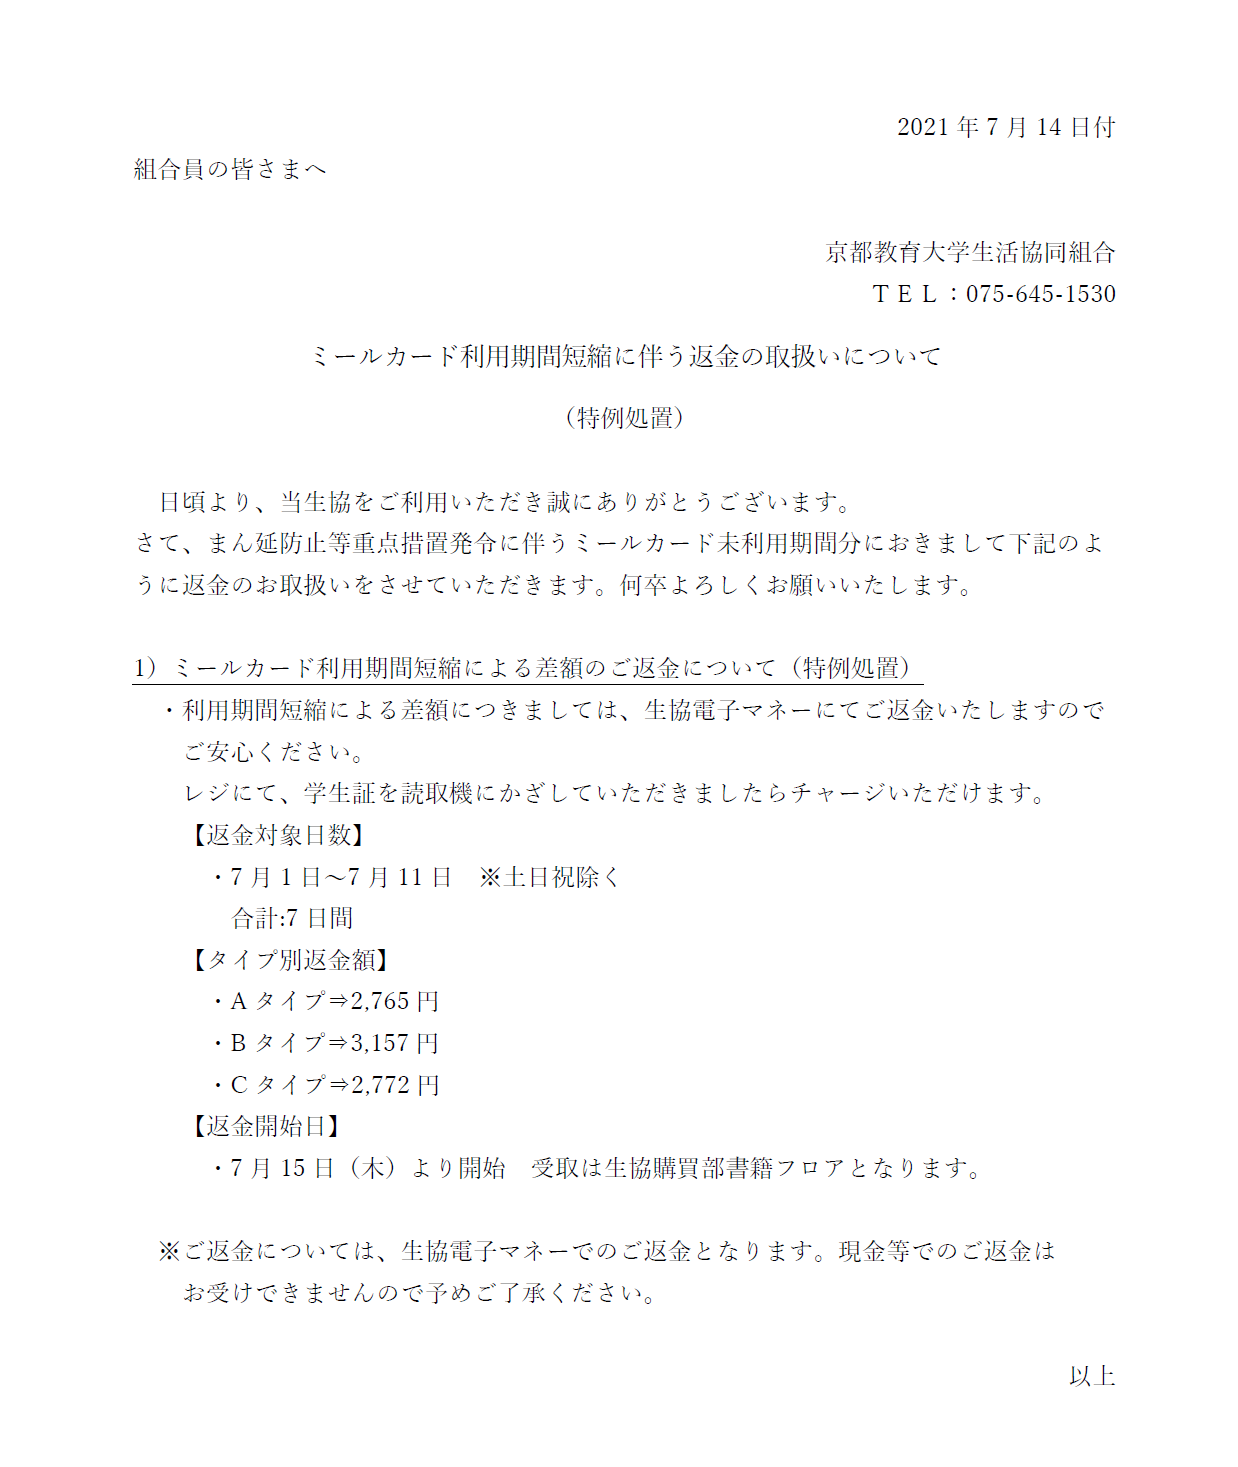 7月14日付ミールカード利用期間短縮に伴う返金について(HPアップ用).png